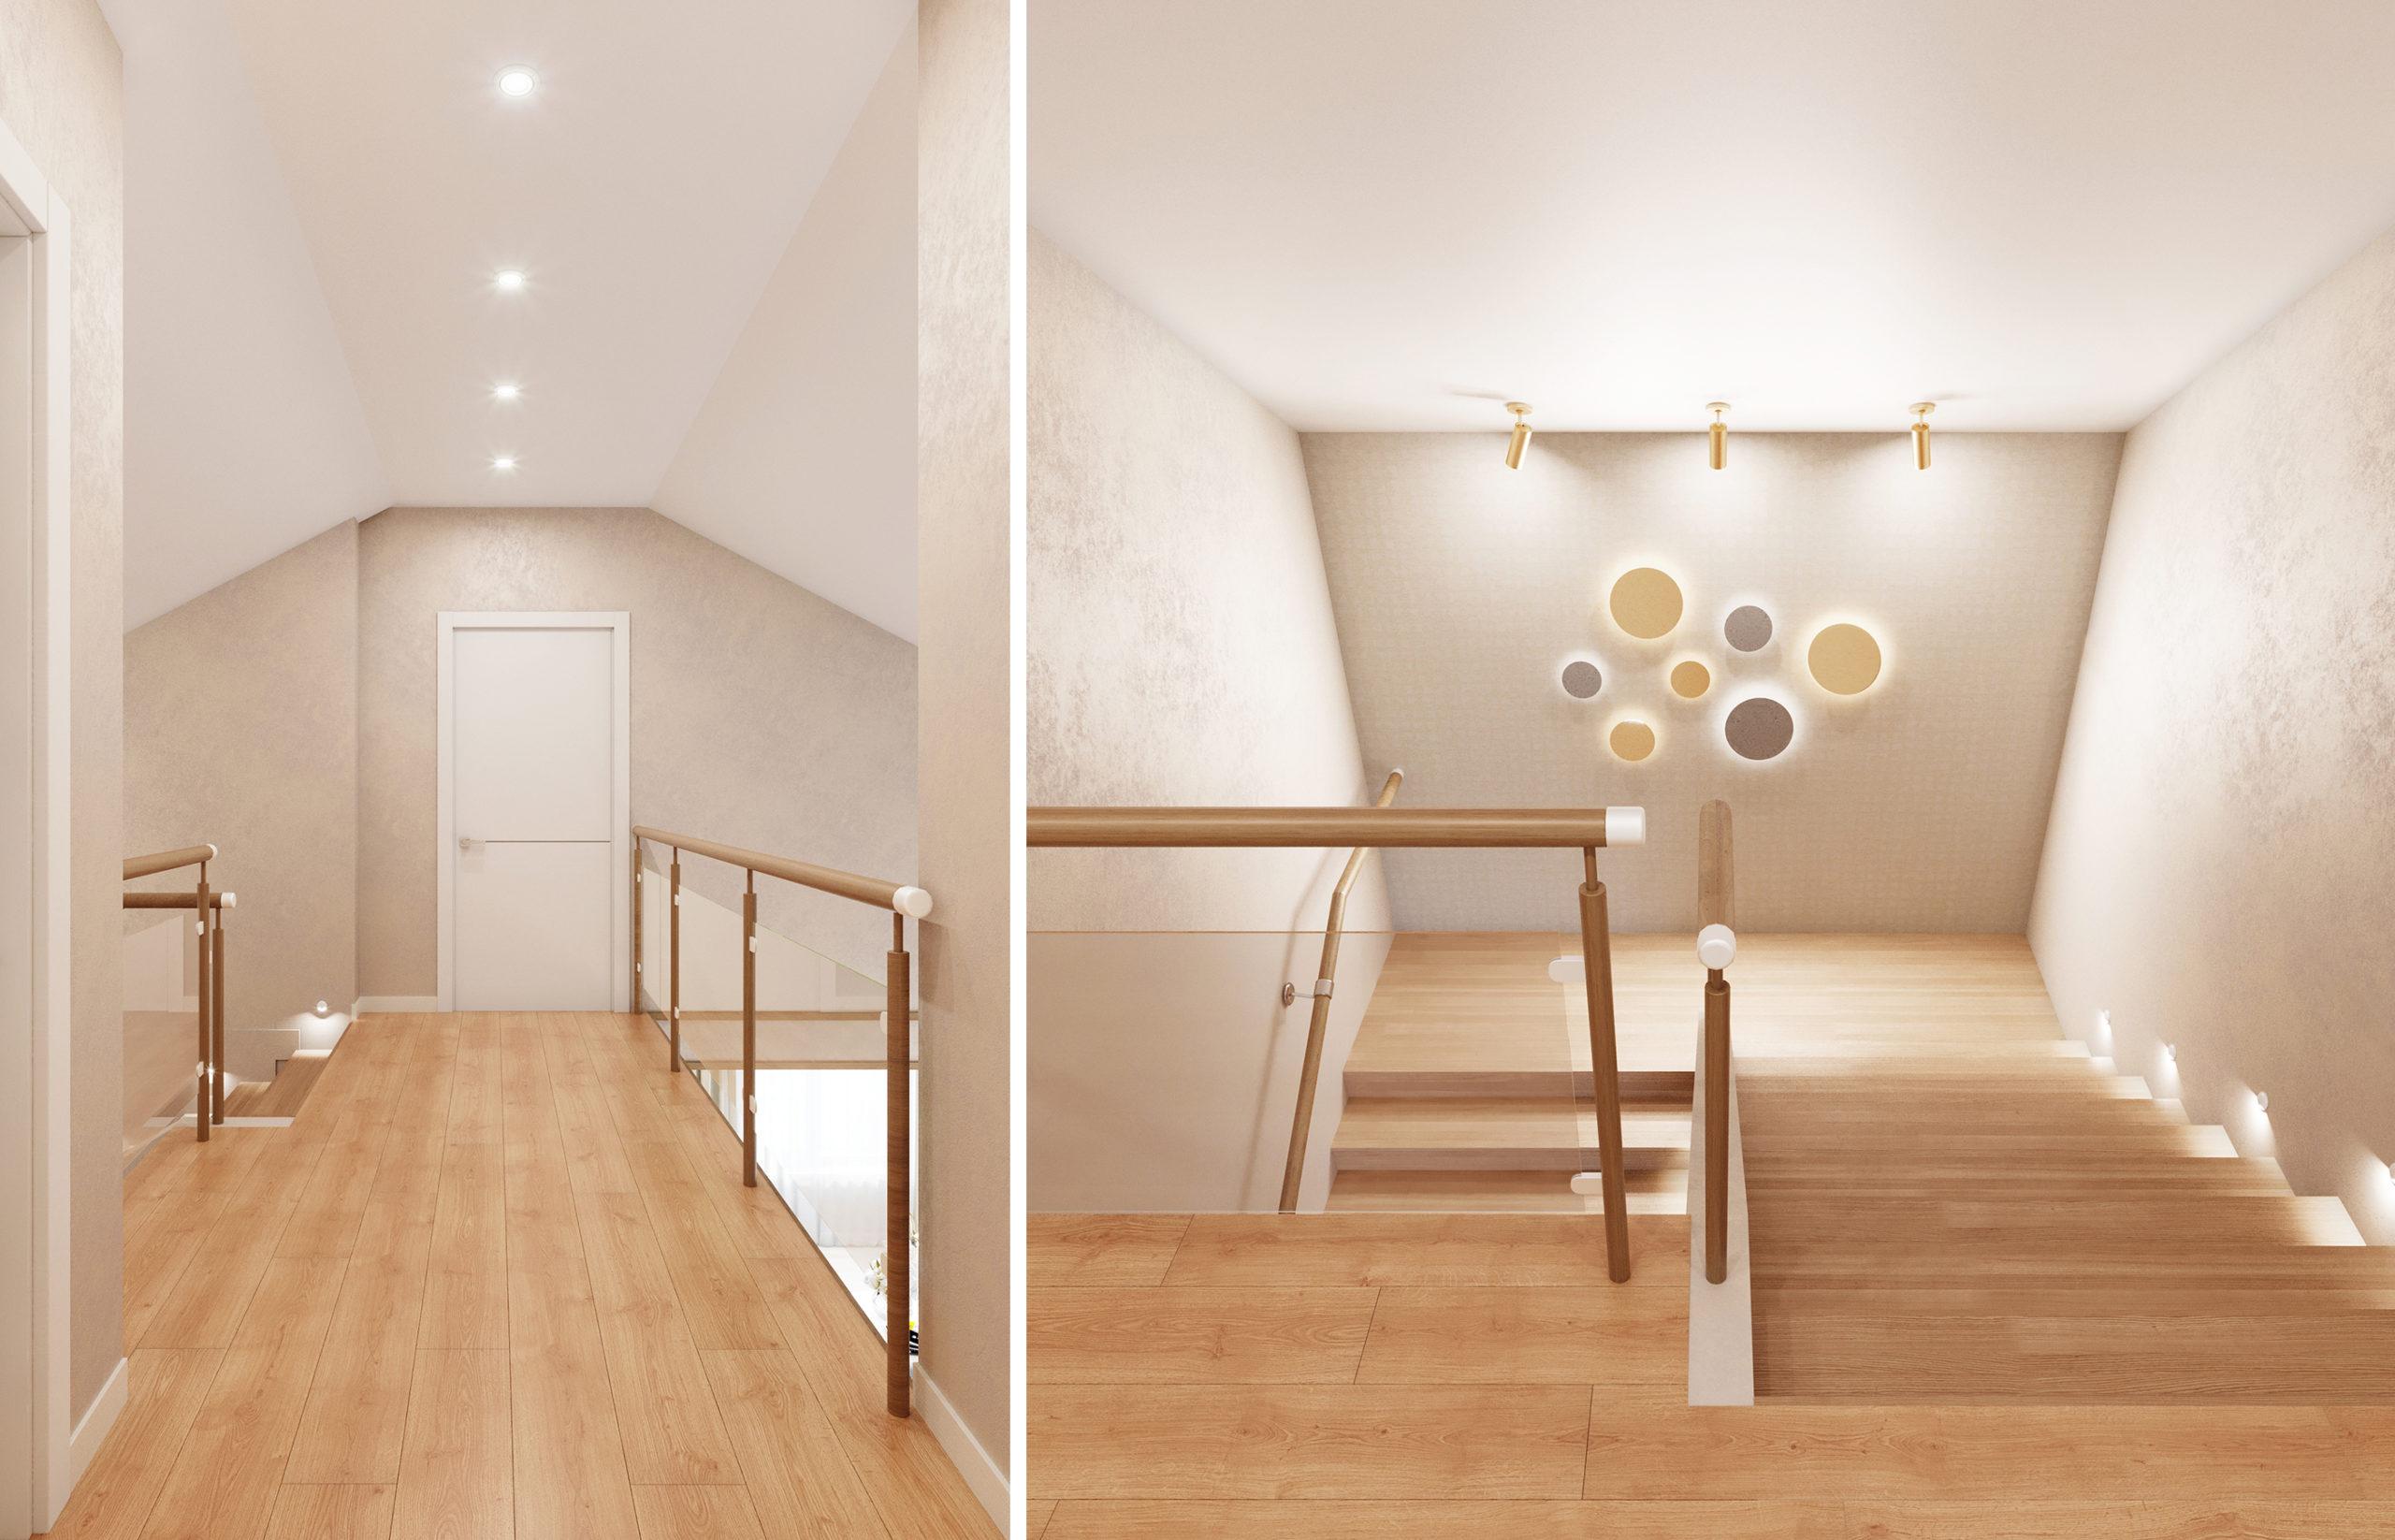 Дизайн интерьера холла со стеклянными перилами